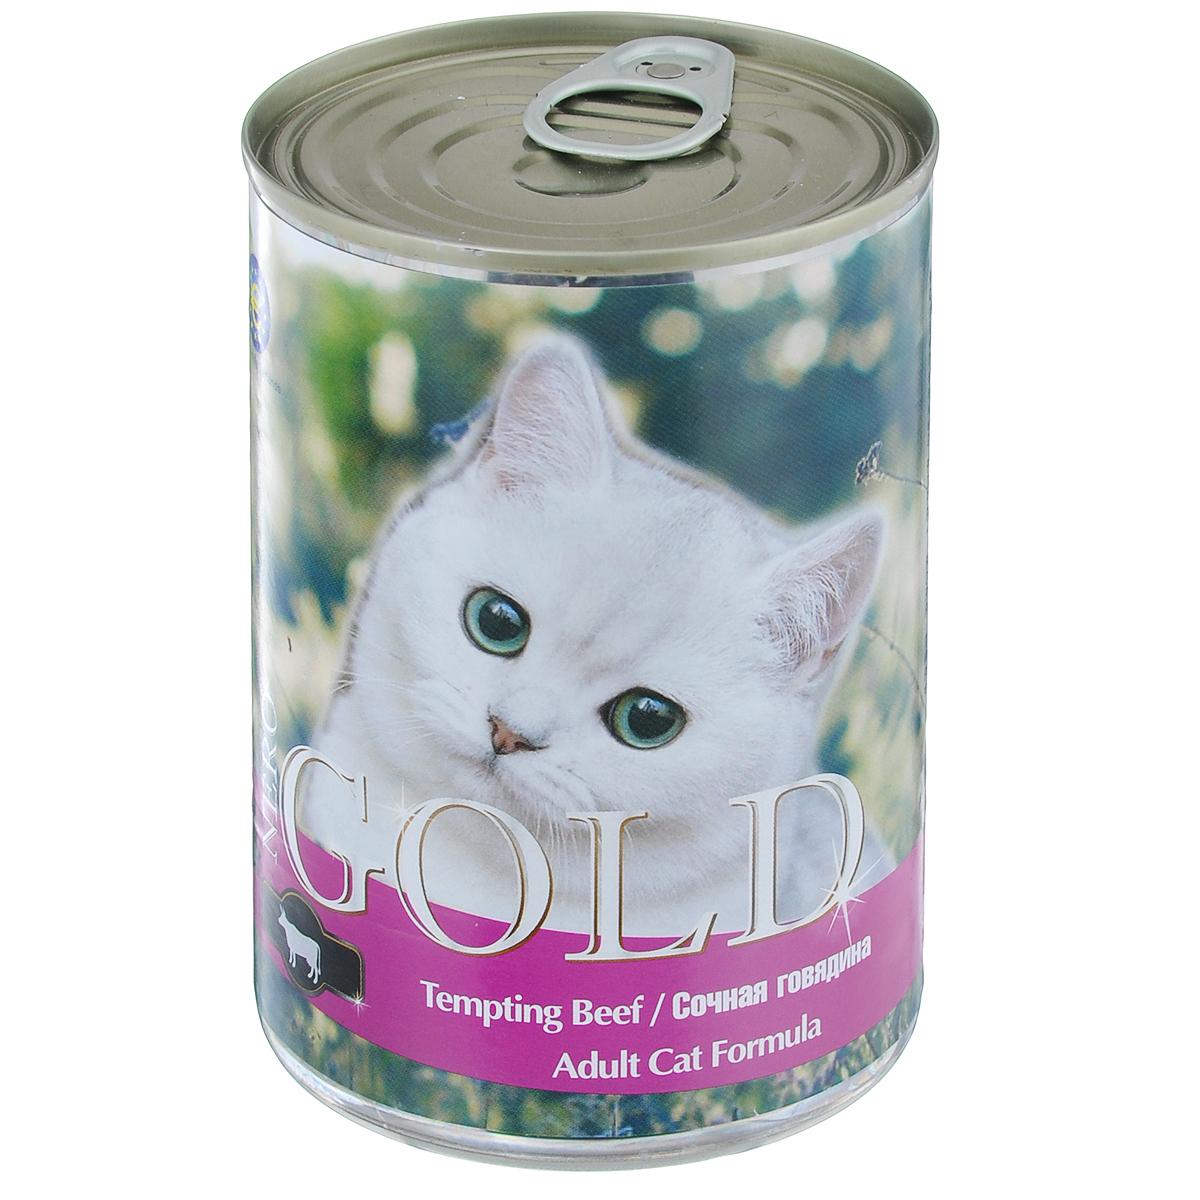 Консервы для кошек Nero Gold, с сочной говядиной, 410 г20256Консервы для кошек Nero Gold - полнорационный продукт, содержащий все необходимые витамины и минералы, сбалансированный для поддержания оптимального здоровья вашего питомца! Состав: мясо и его производные, филе курицы, говядина, злаки, витамины и минералы. Гарантированный анализ: белки 6%, жиры 4,5%, клетчатка 0,5%, зола 2%, влага 81%.Пищевые добавки на 1 кг продукта: витамин А 1600 МЕ, витамин D 140 МЕ, витамин Е 10 МЕ, таурин 300 мг, железо 24 мг, марганец 6 мг, цинк 15 мг, медь 1 мг, магний 200 мг, йод 0,3 мг, селен 0,2 мг.Вес: 410 г. Товар сертифицирован.